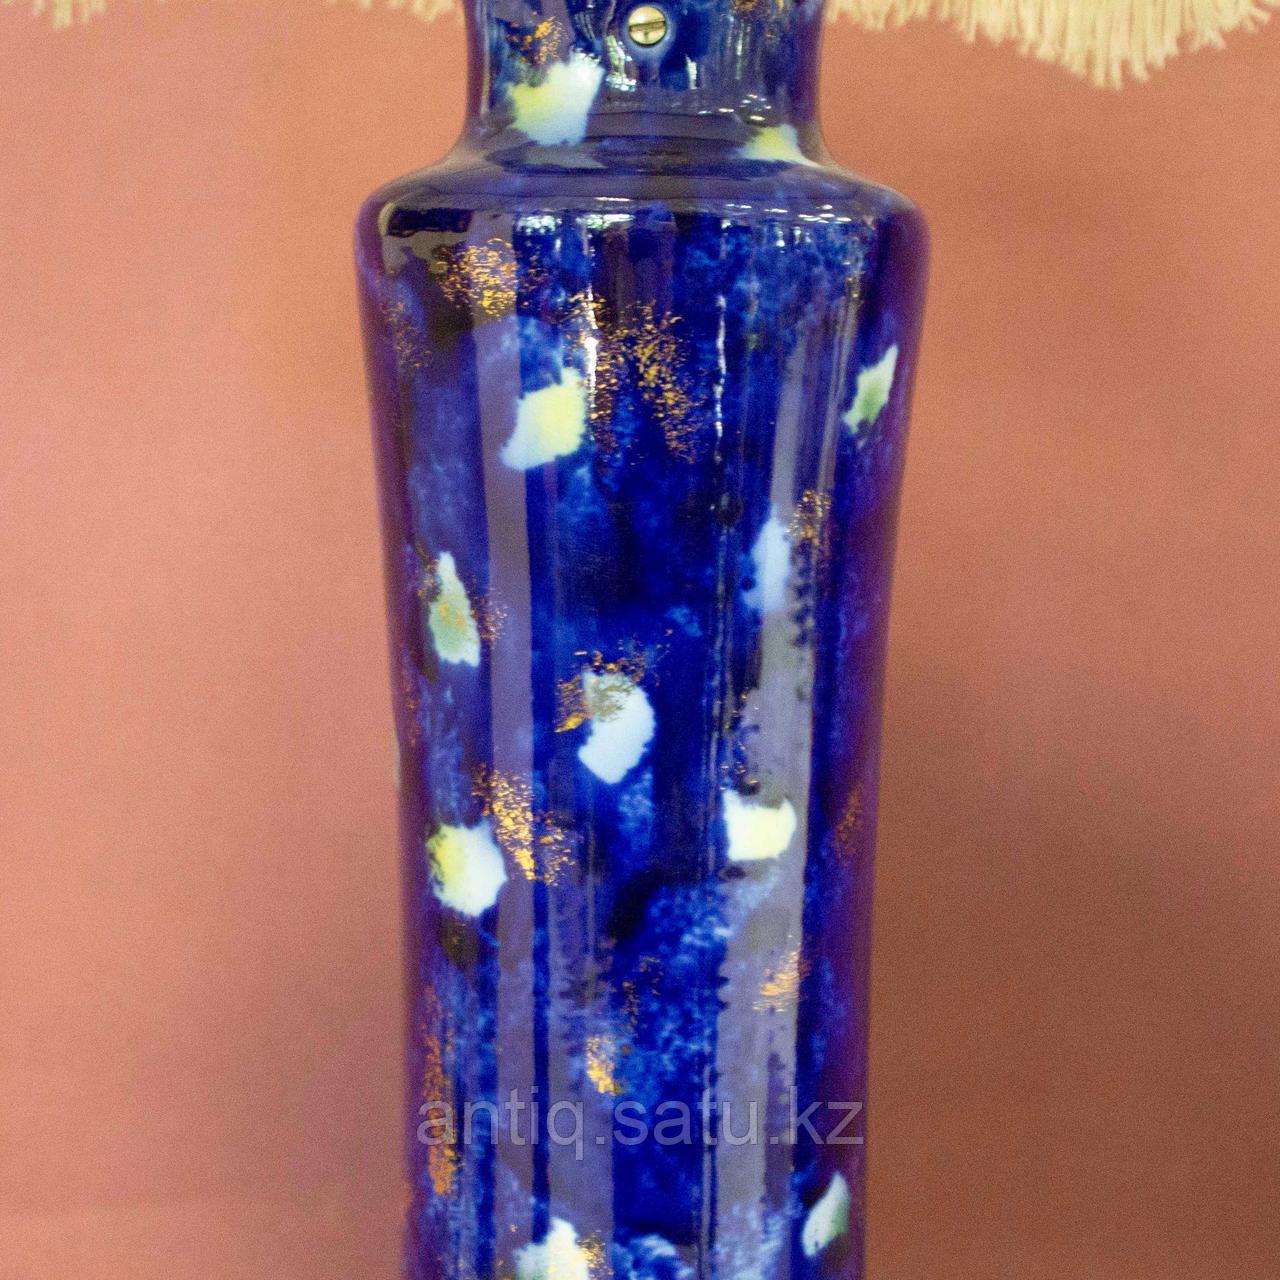 Настольная лампа. Фарфоровая мануфактура Wallendorf - фото 5